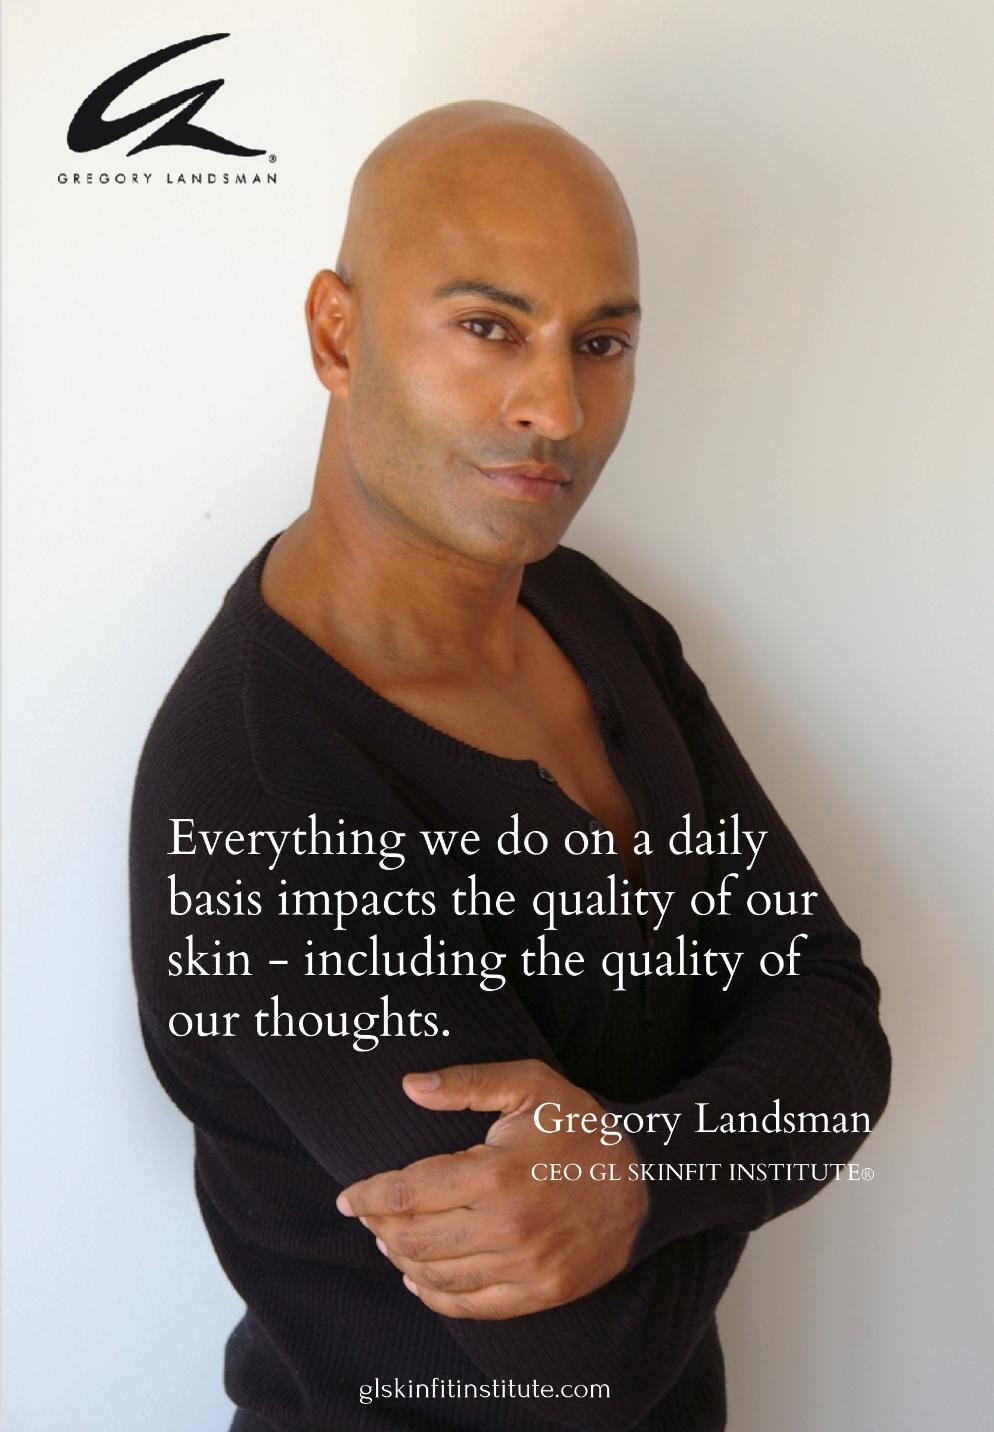 Gregory Landsman